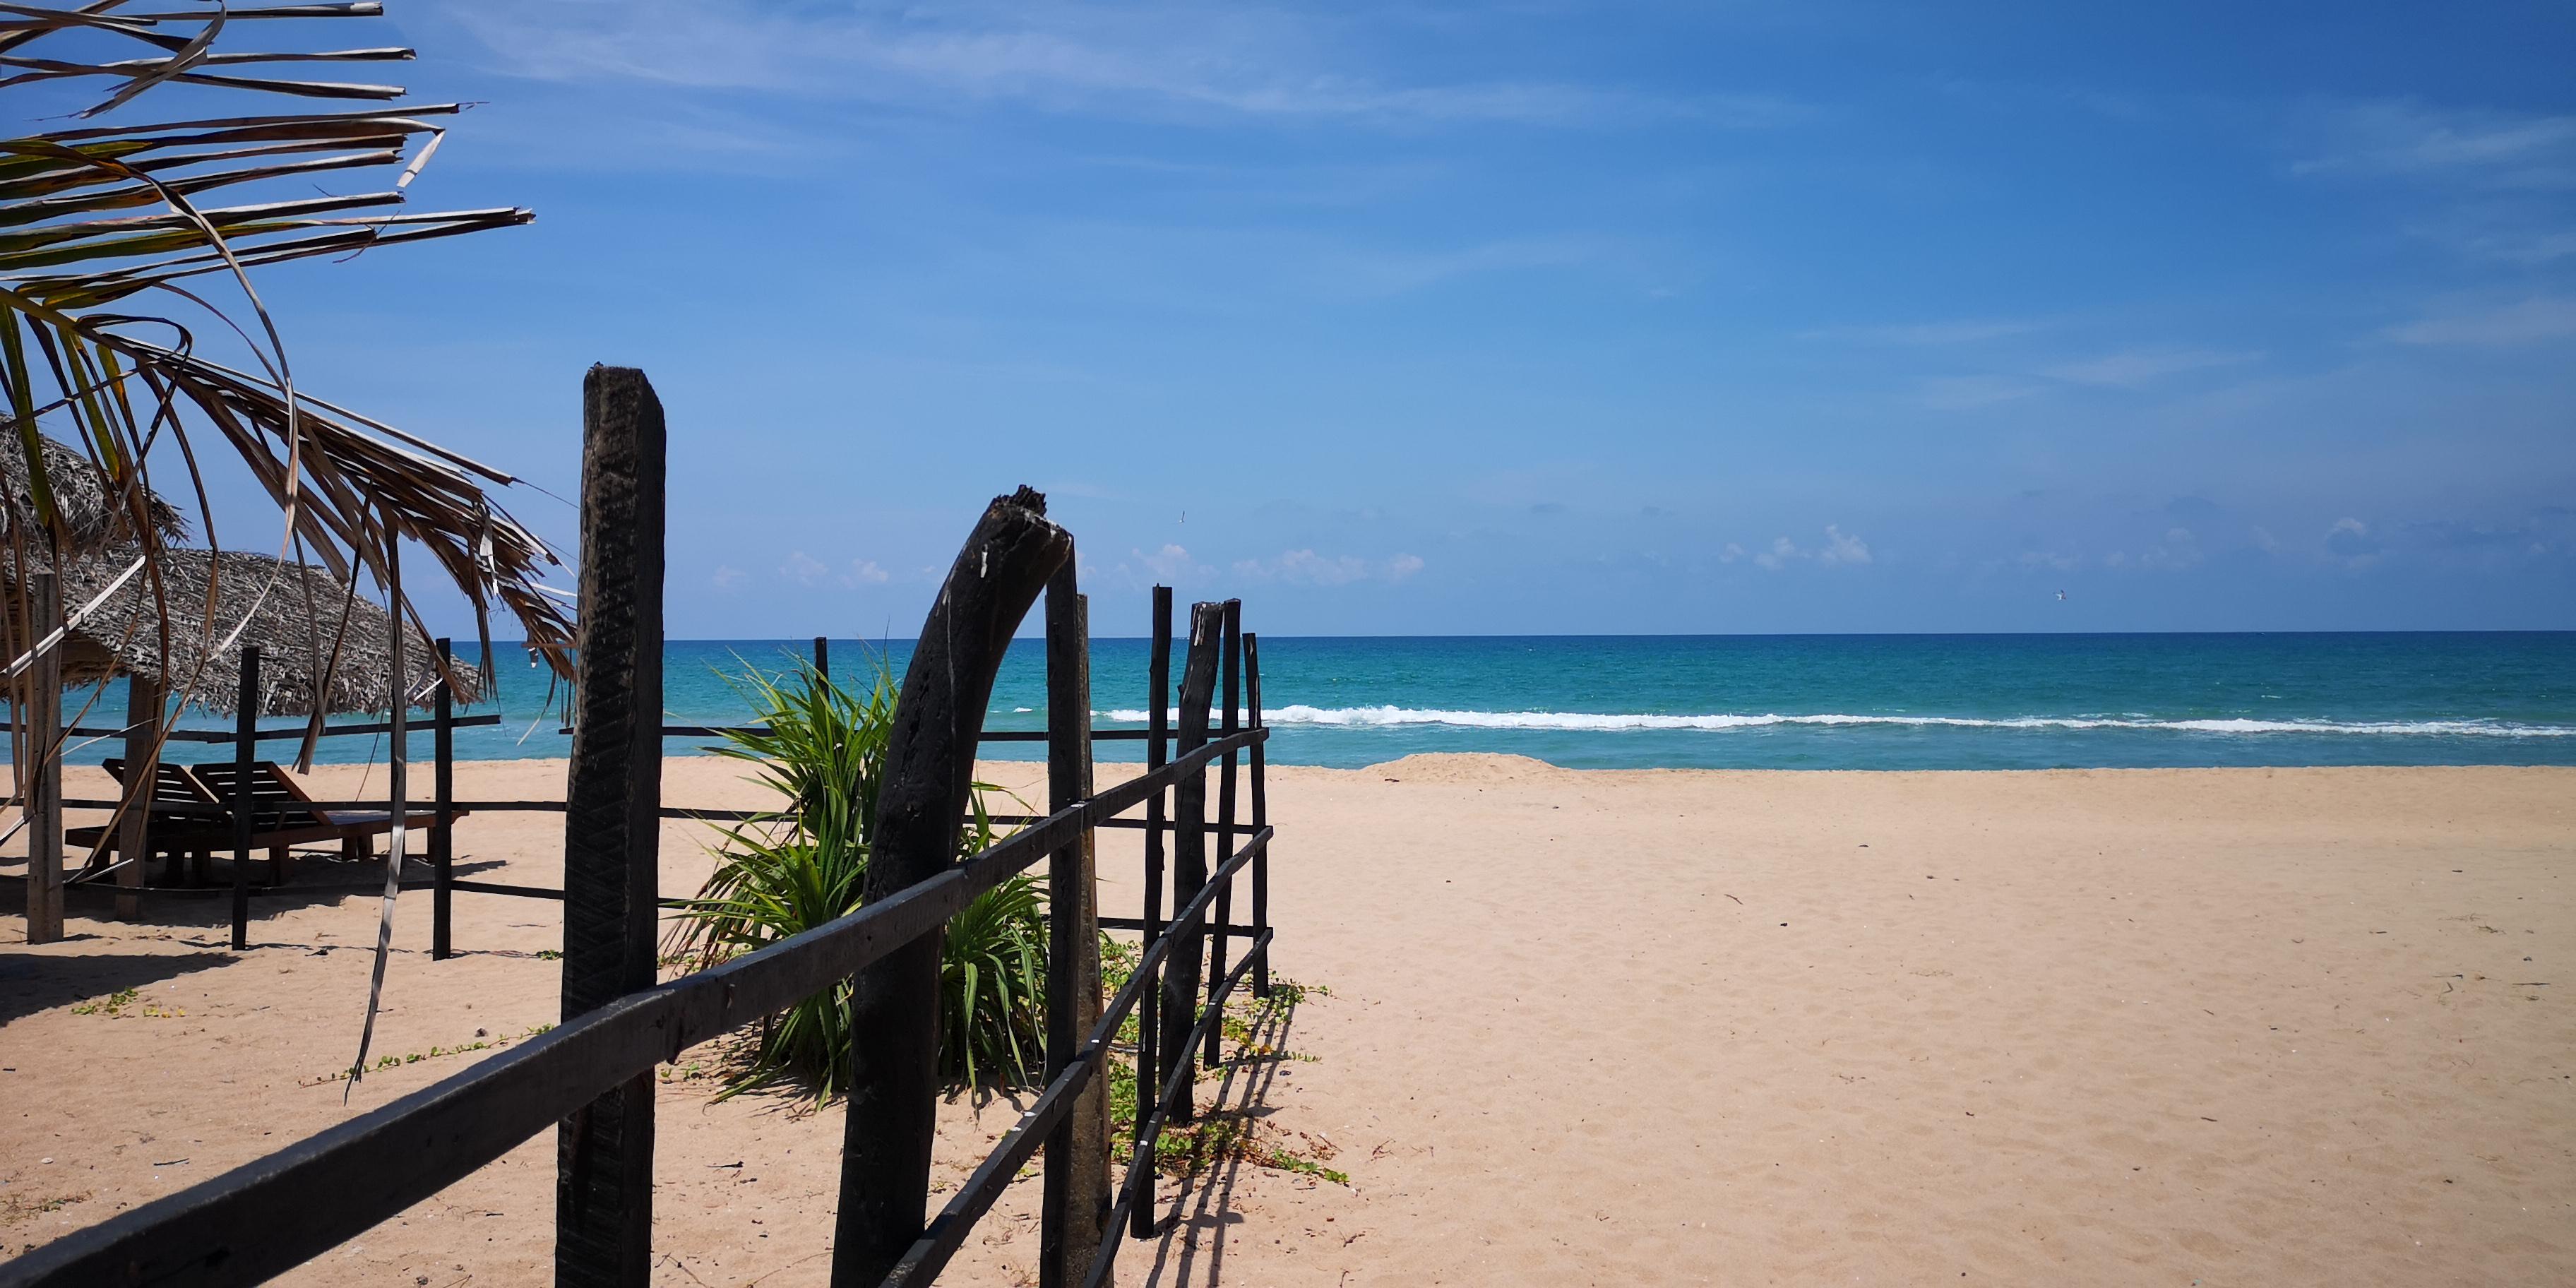 plage sable mer blanc bleu